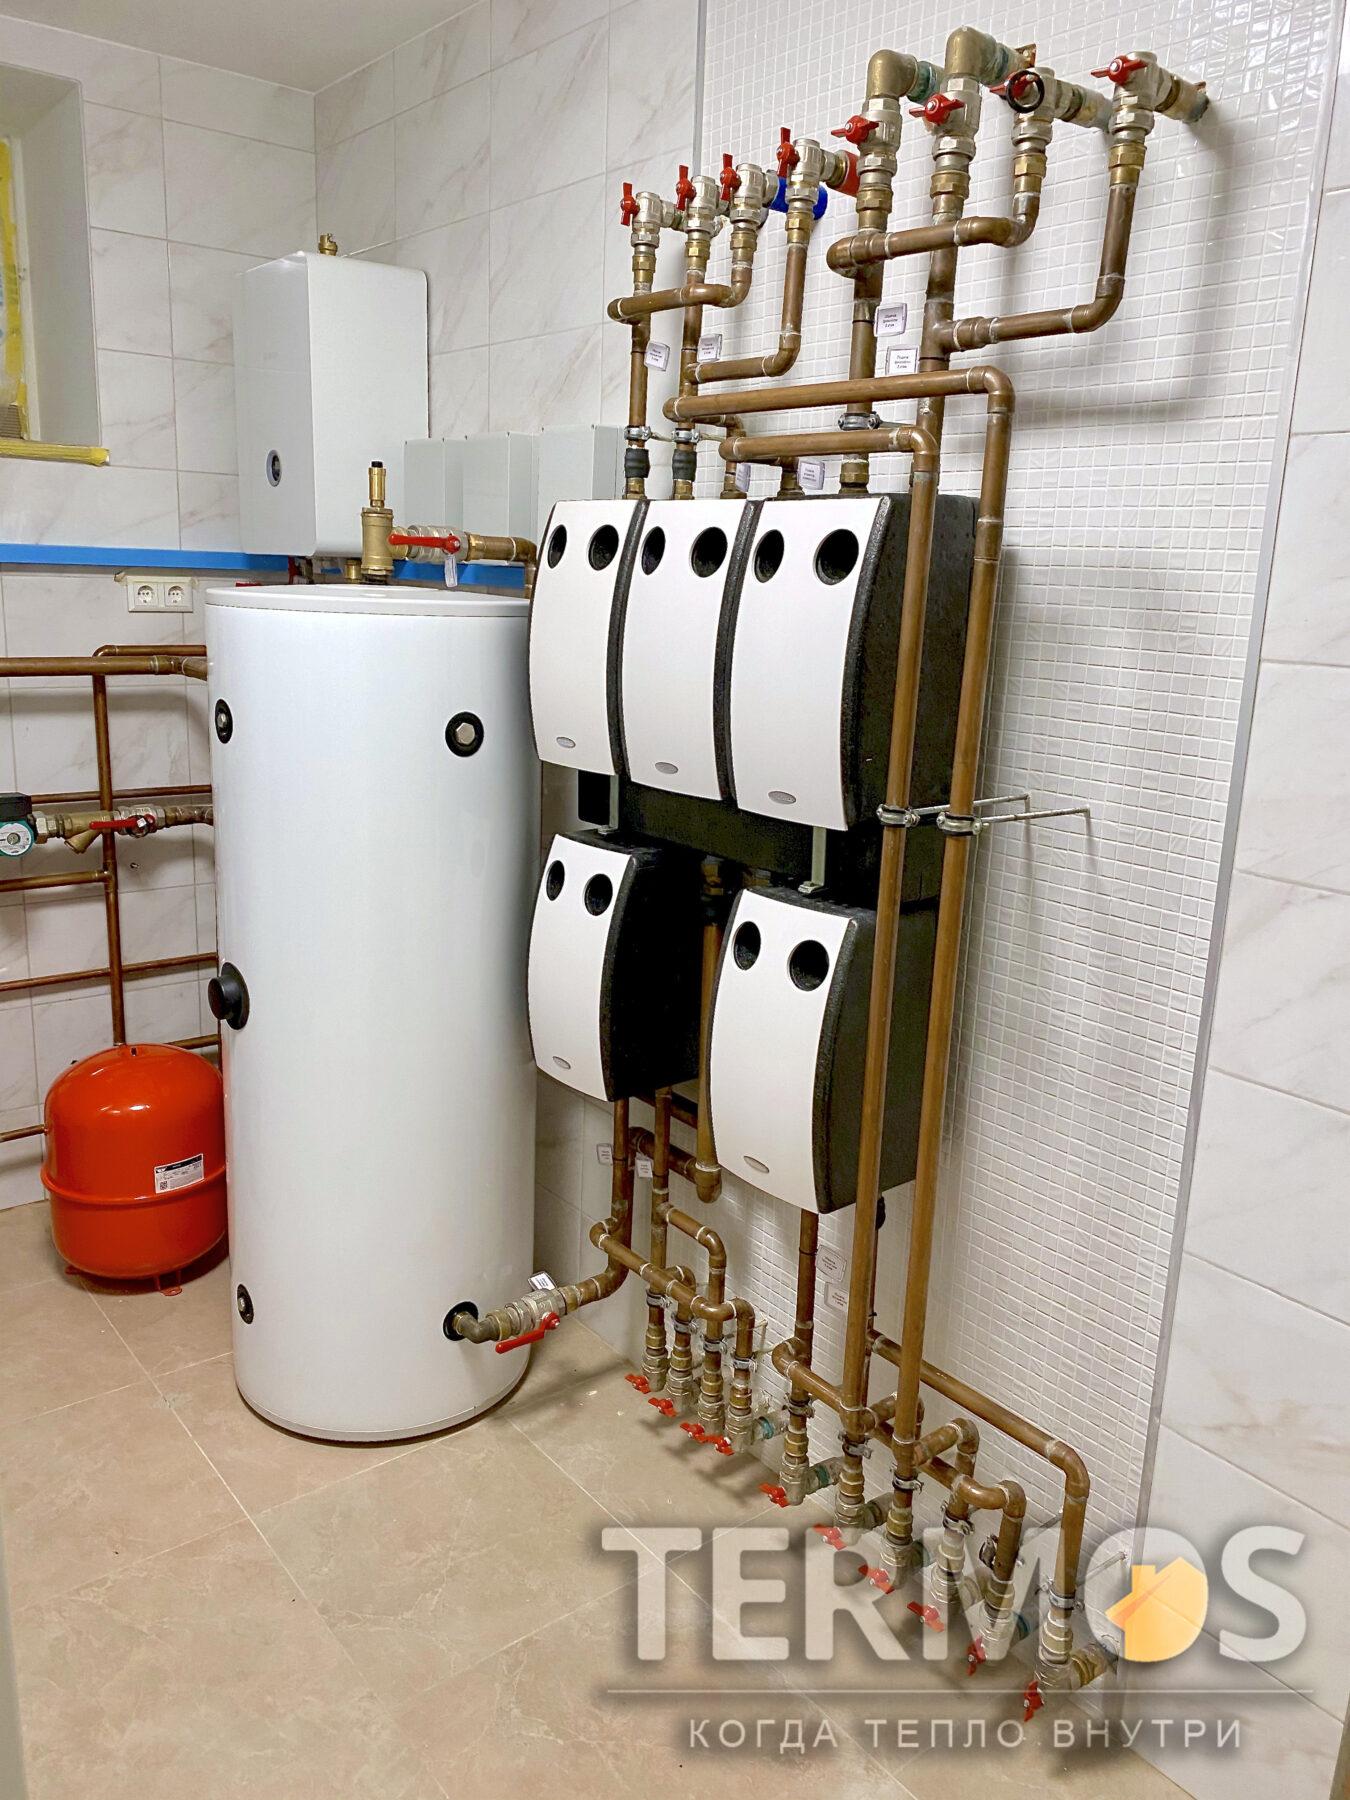 Тепловой насос автоматически переходит в необходимый режим (отопление/гвс/охлаждение). Тепловой насос управляется и настраивается через интернет